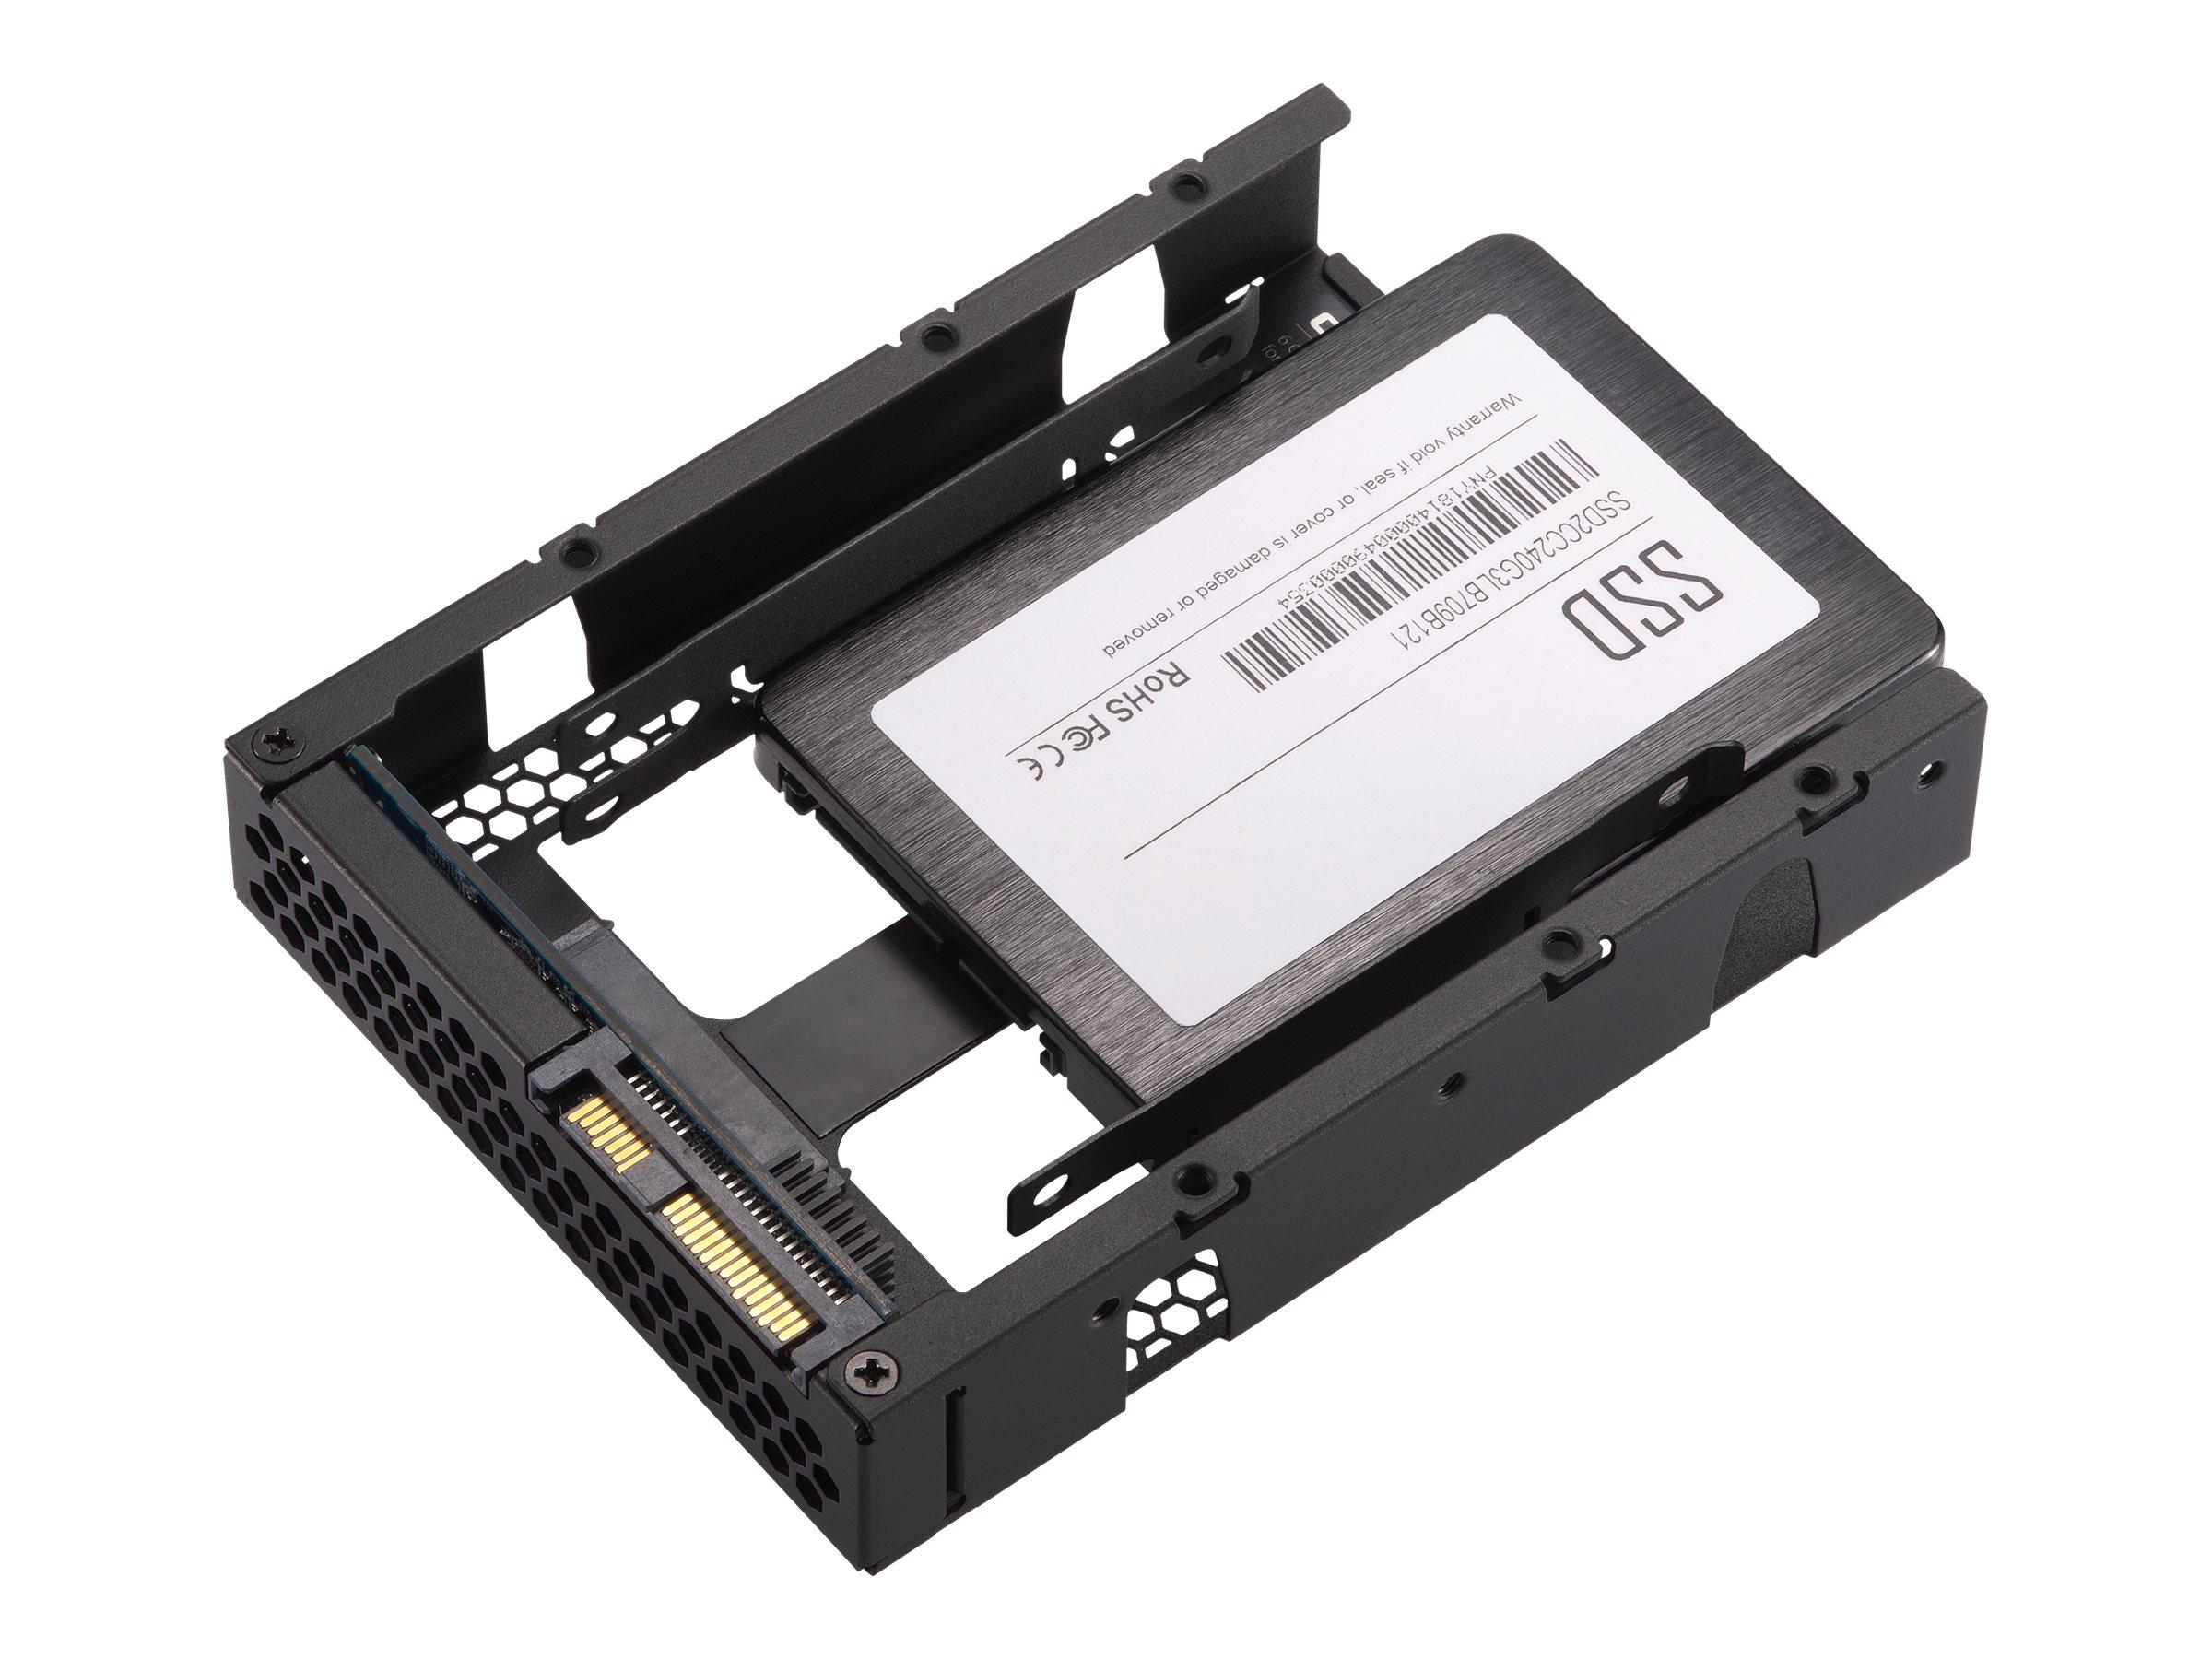 QNAP QDA-SA2 - interface adapter - SATA 6Gb/s - SAS 6Gb/s